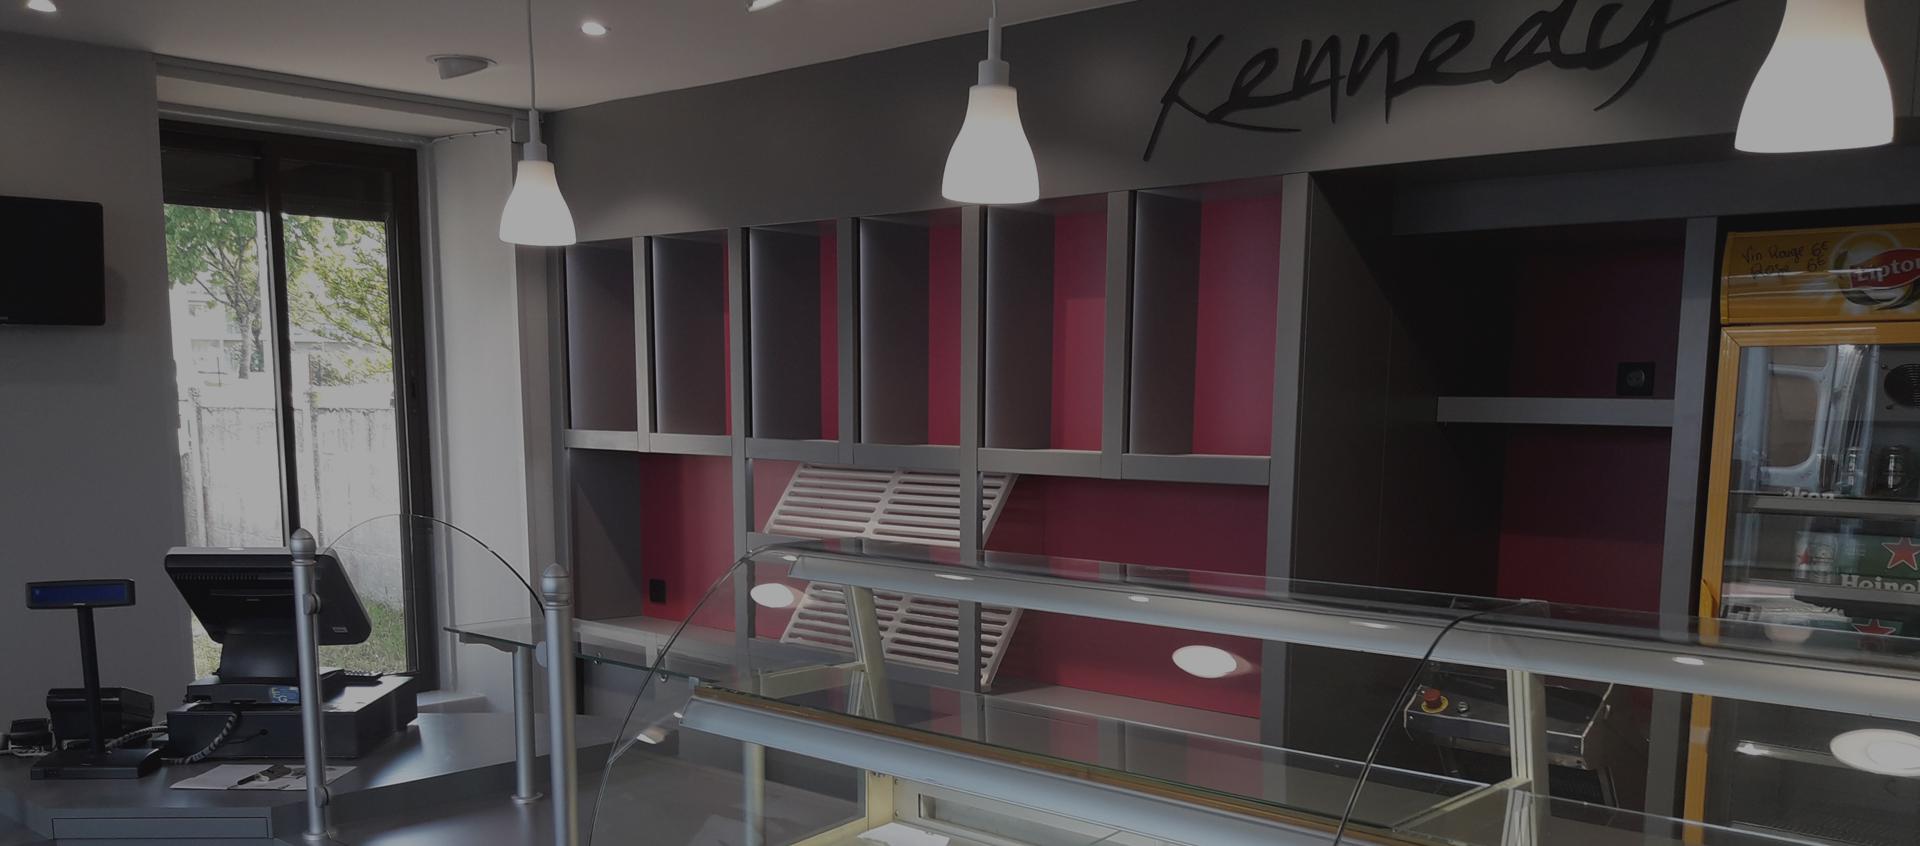 agibox agencements sur mesure poitiers de la conception la pose. Black Bedroom Furniture Sets. Home Design Ideas